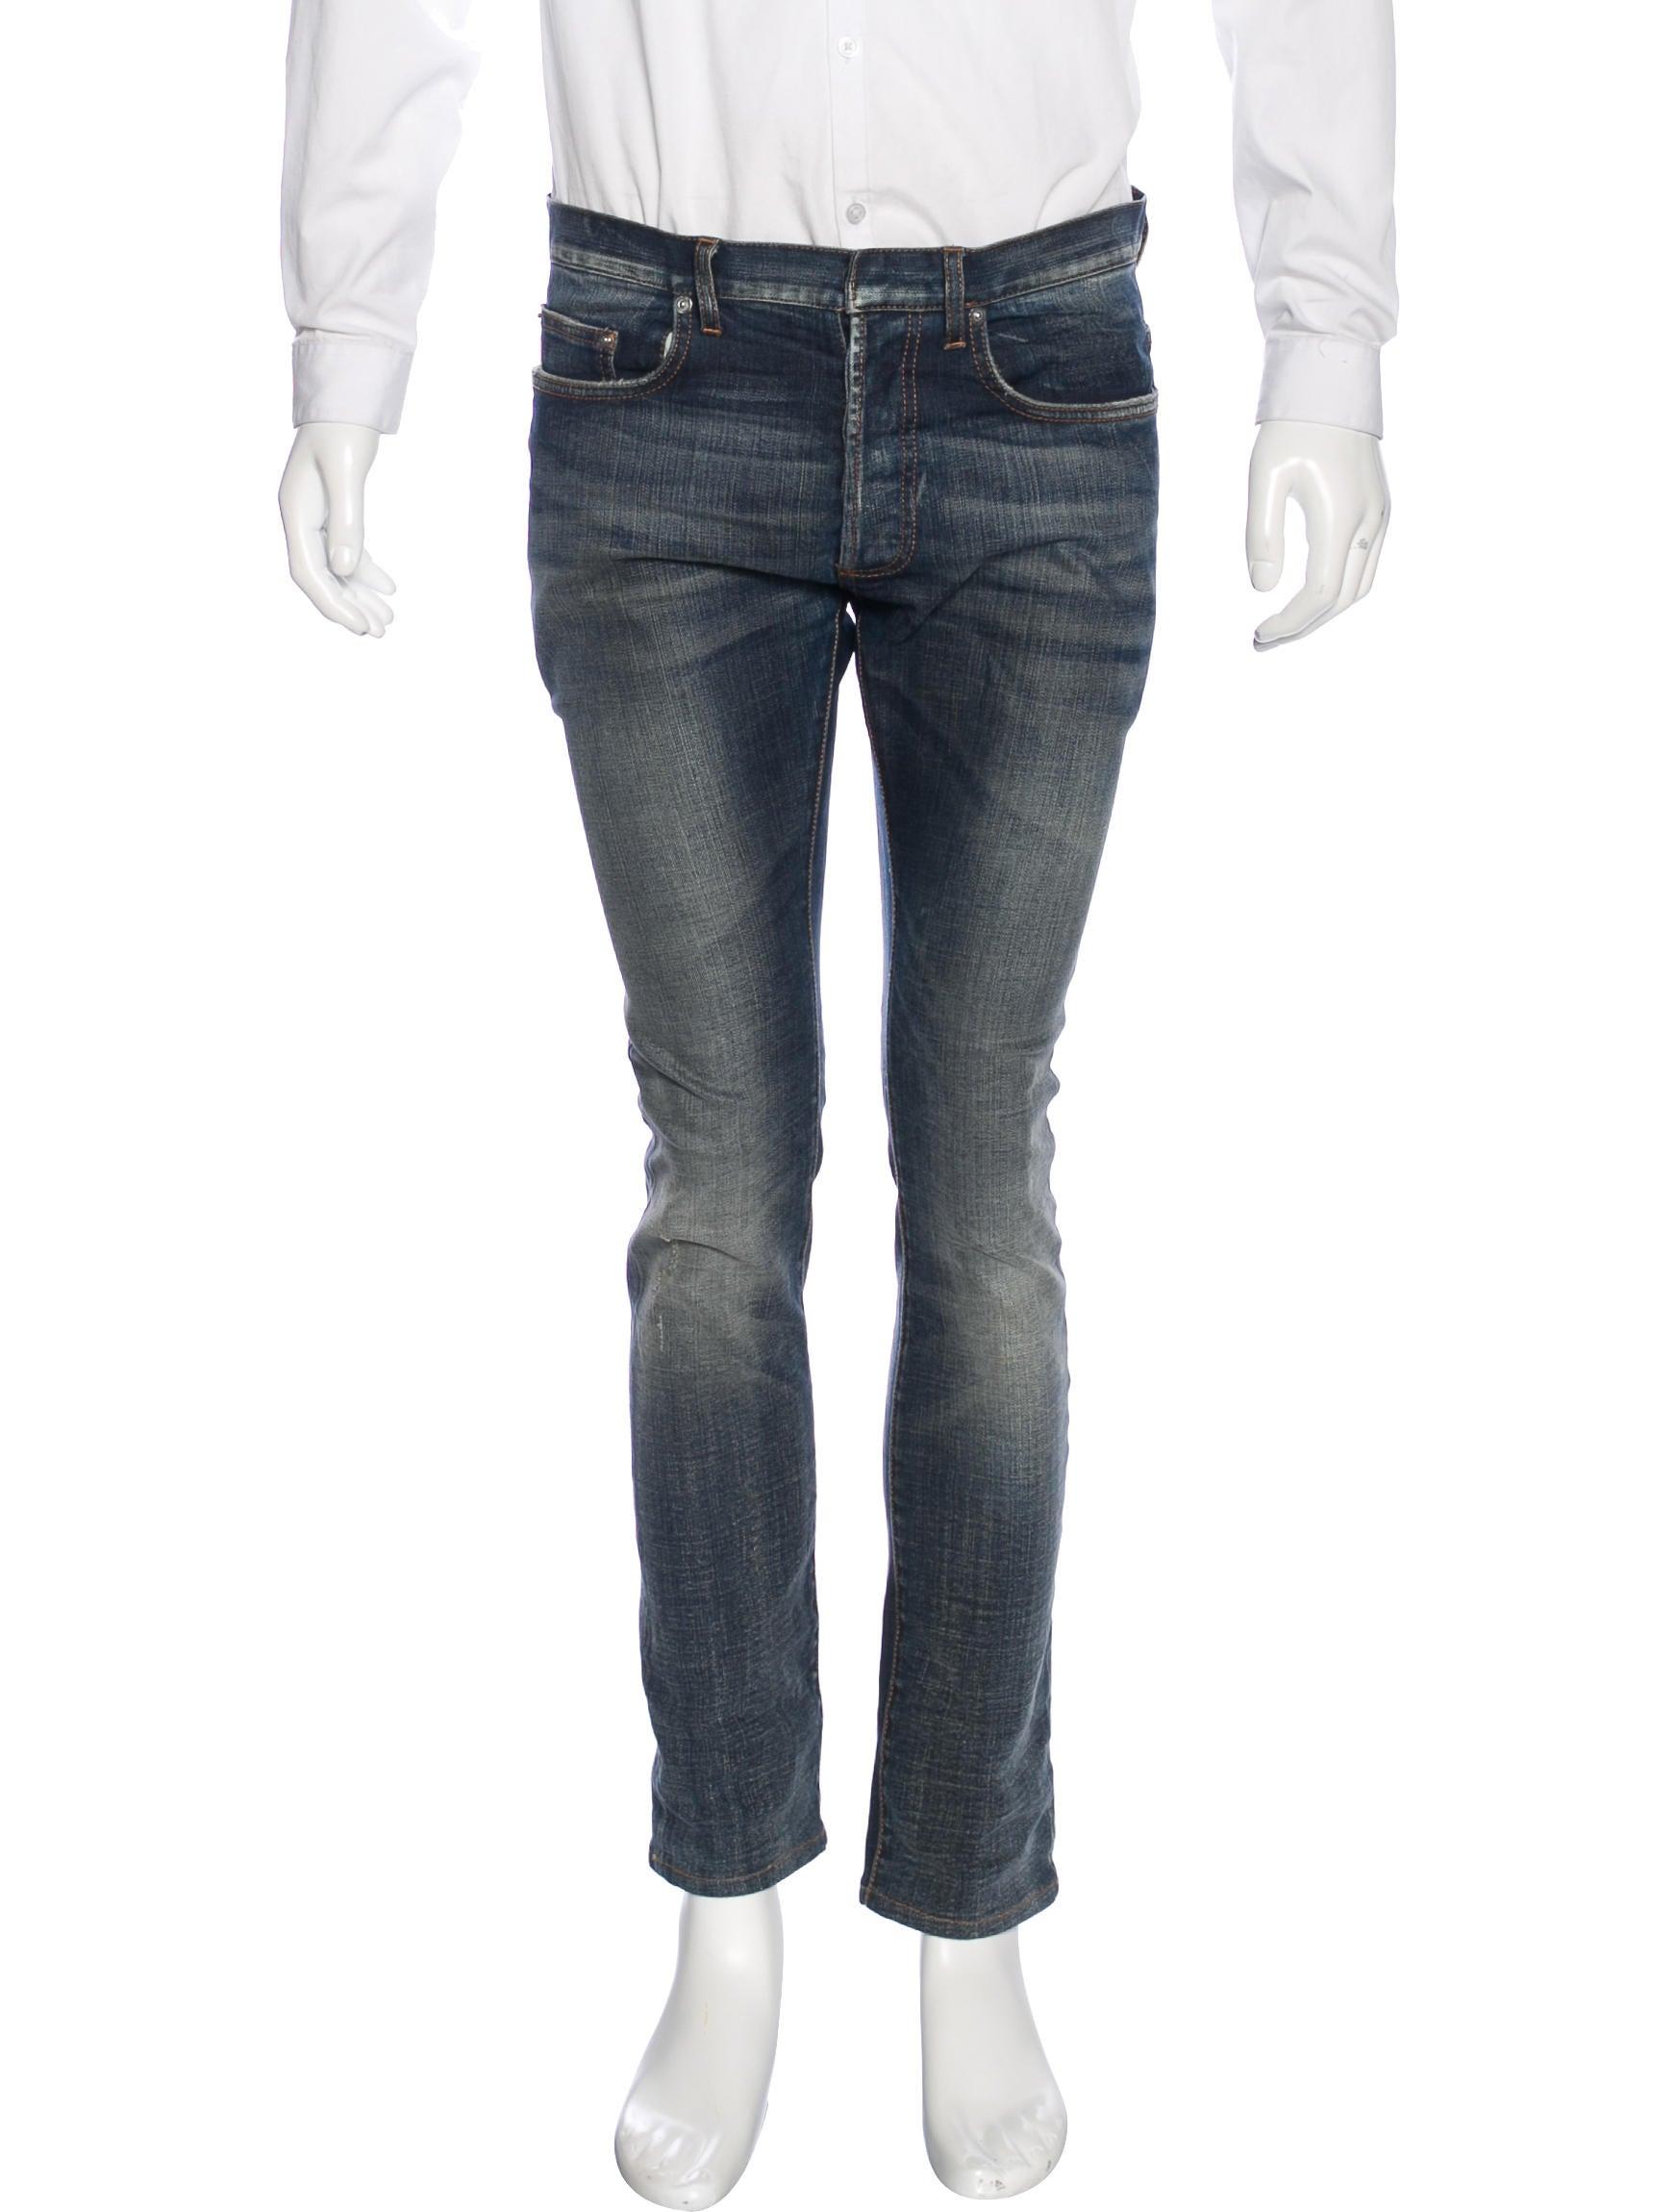 dior homme jake stone washed slim jeans clothing. Black Bedroom Furniture Sets. Home Design Ideas